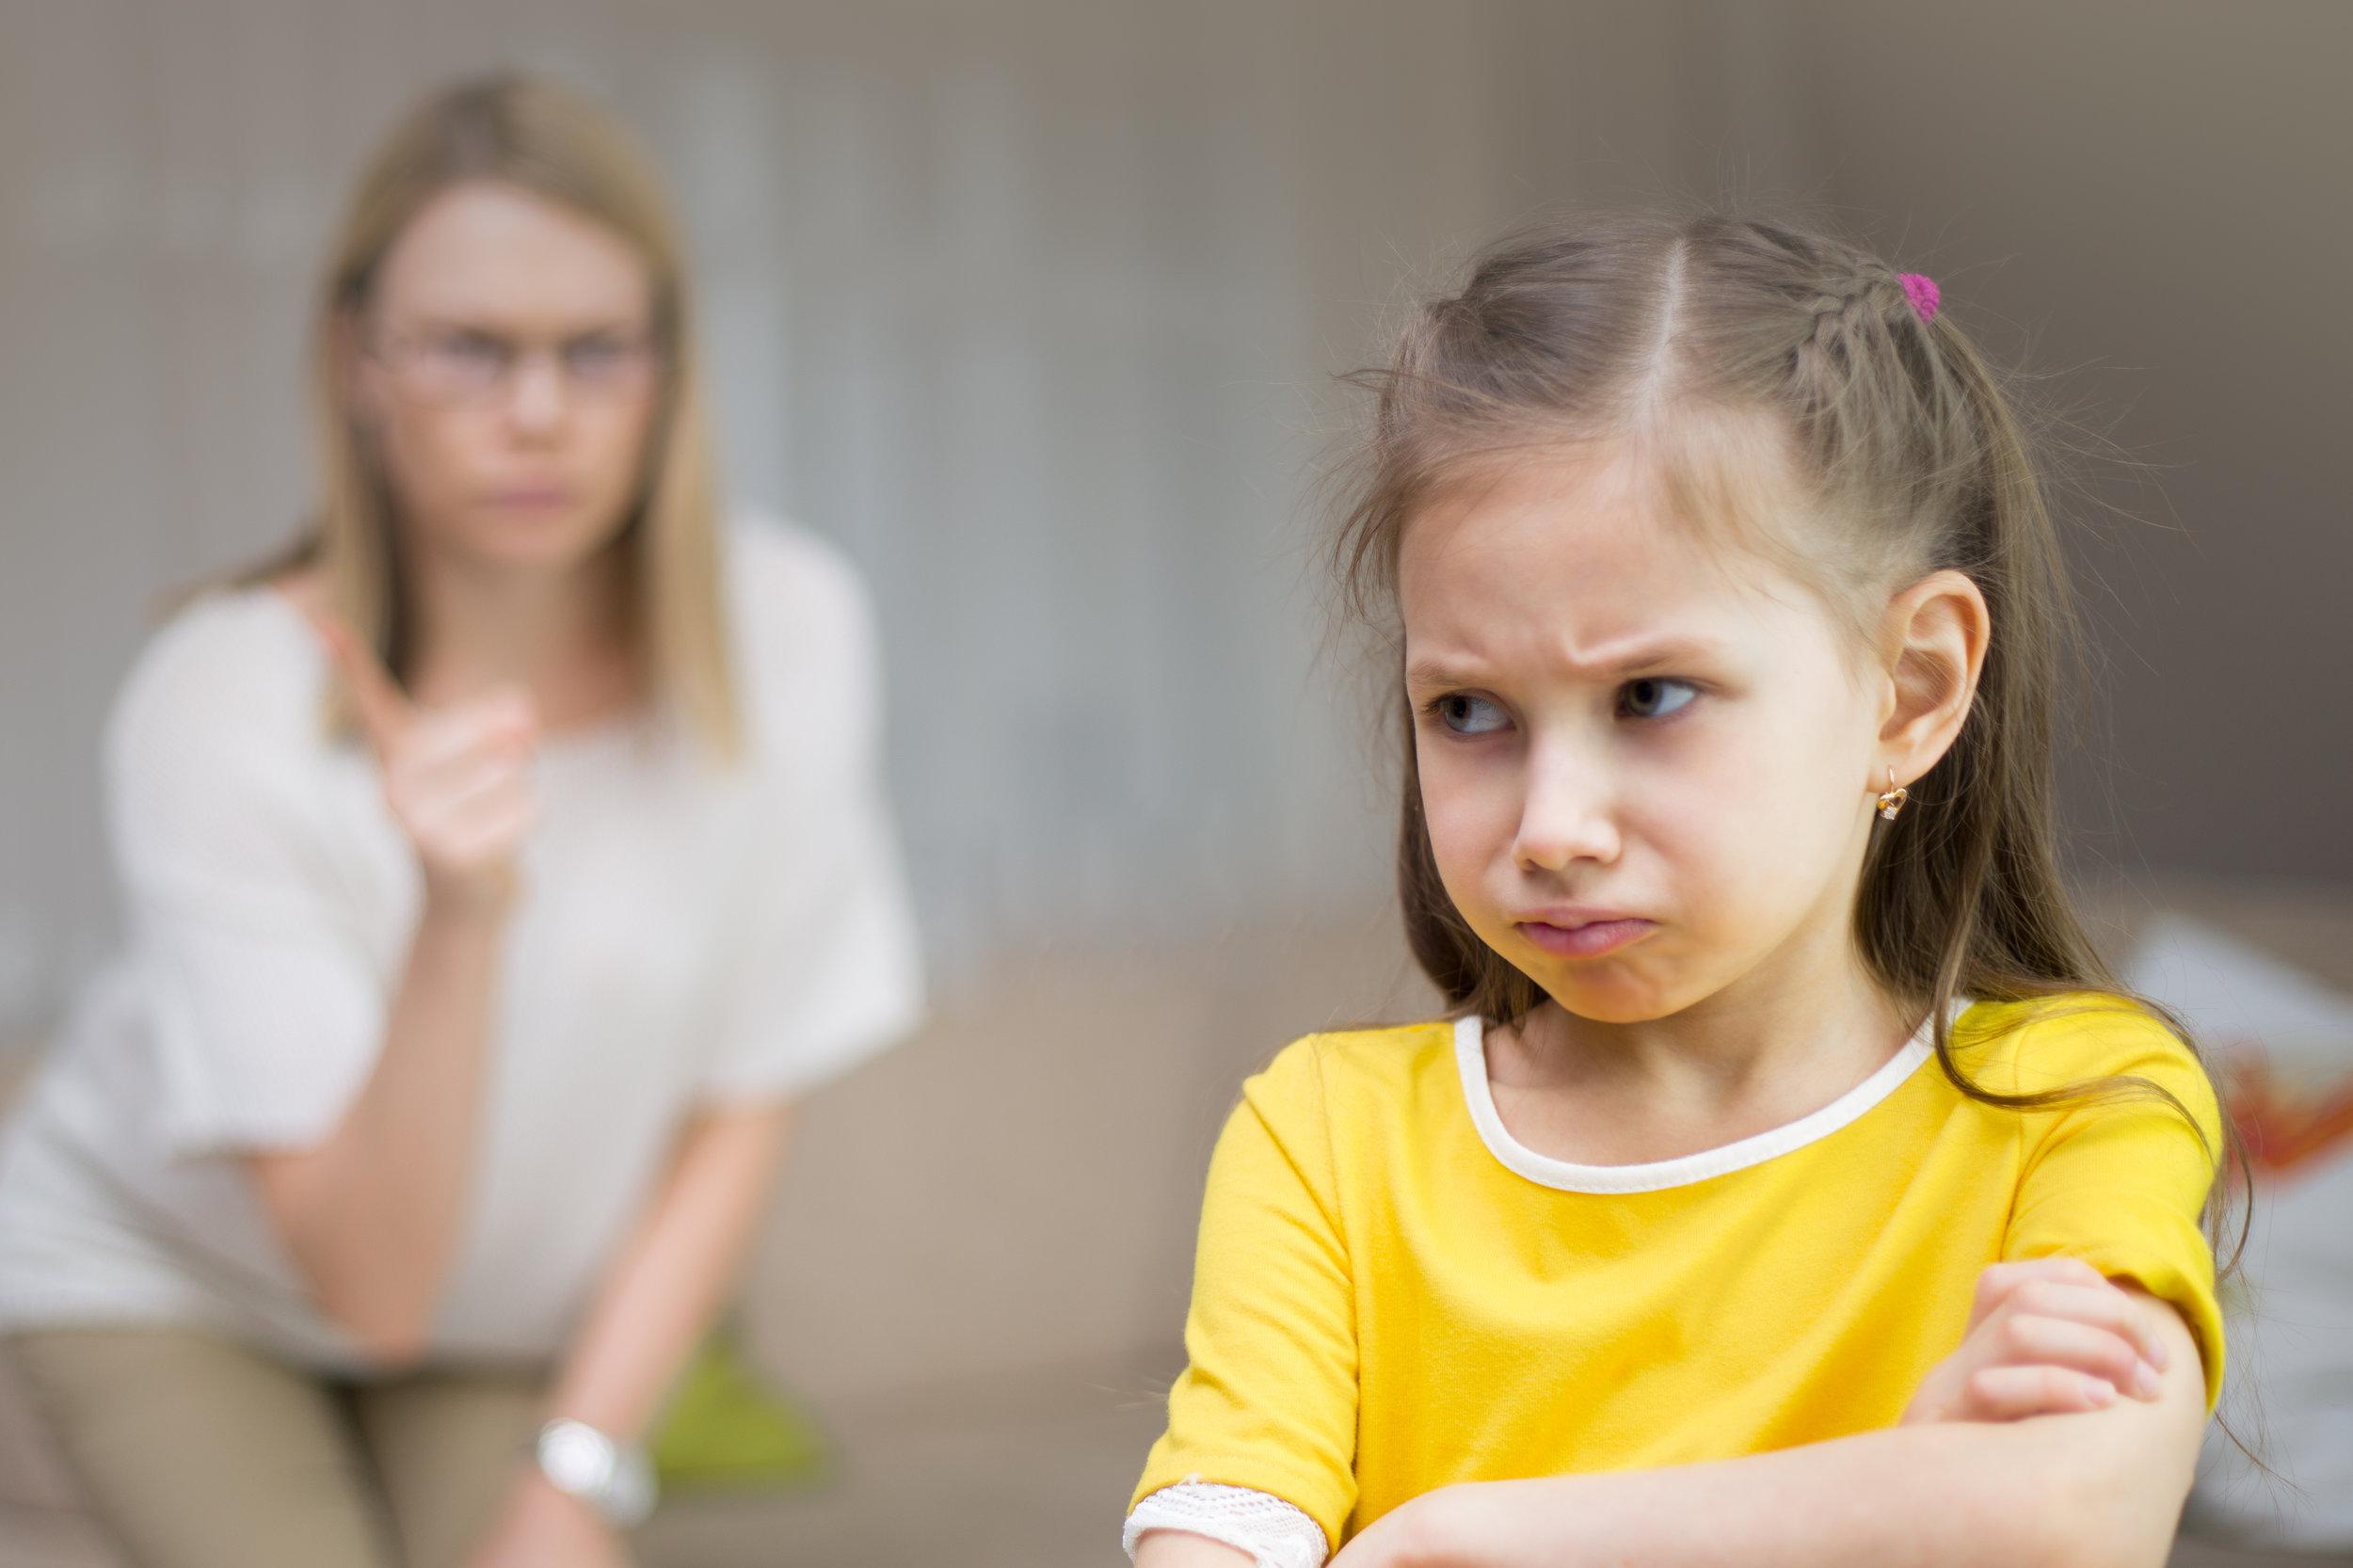 Ребенок часто нервничает что делать? - Школа профилактики 78